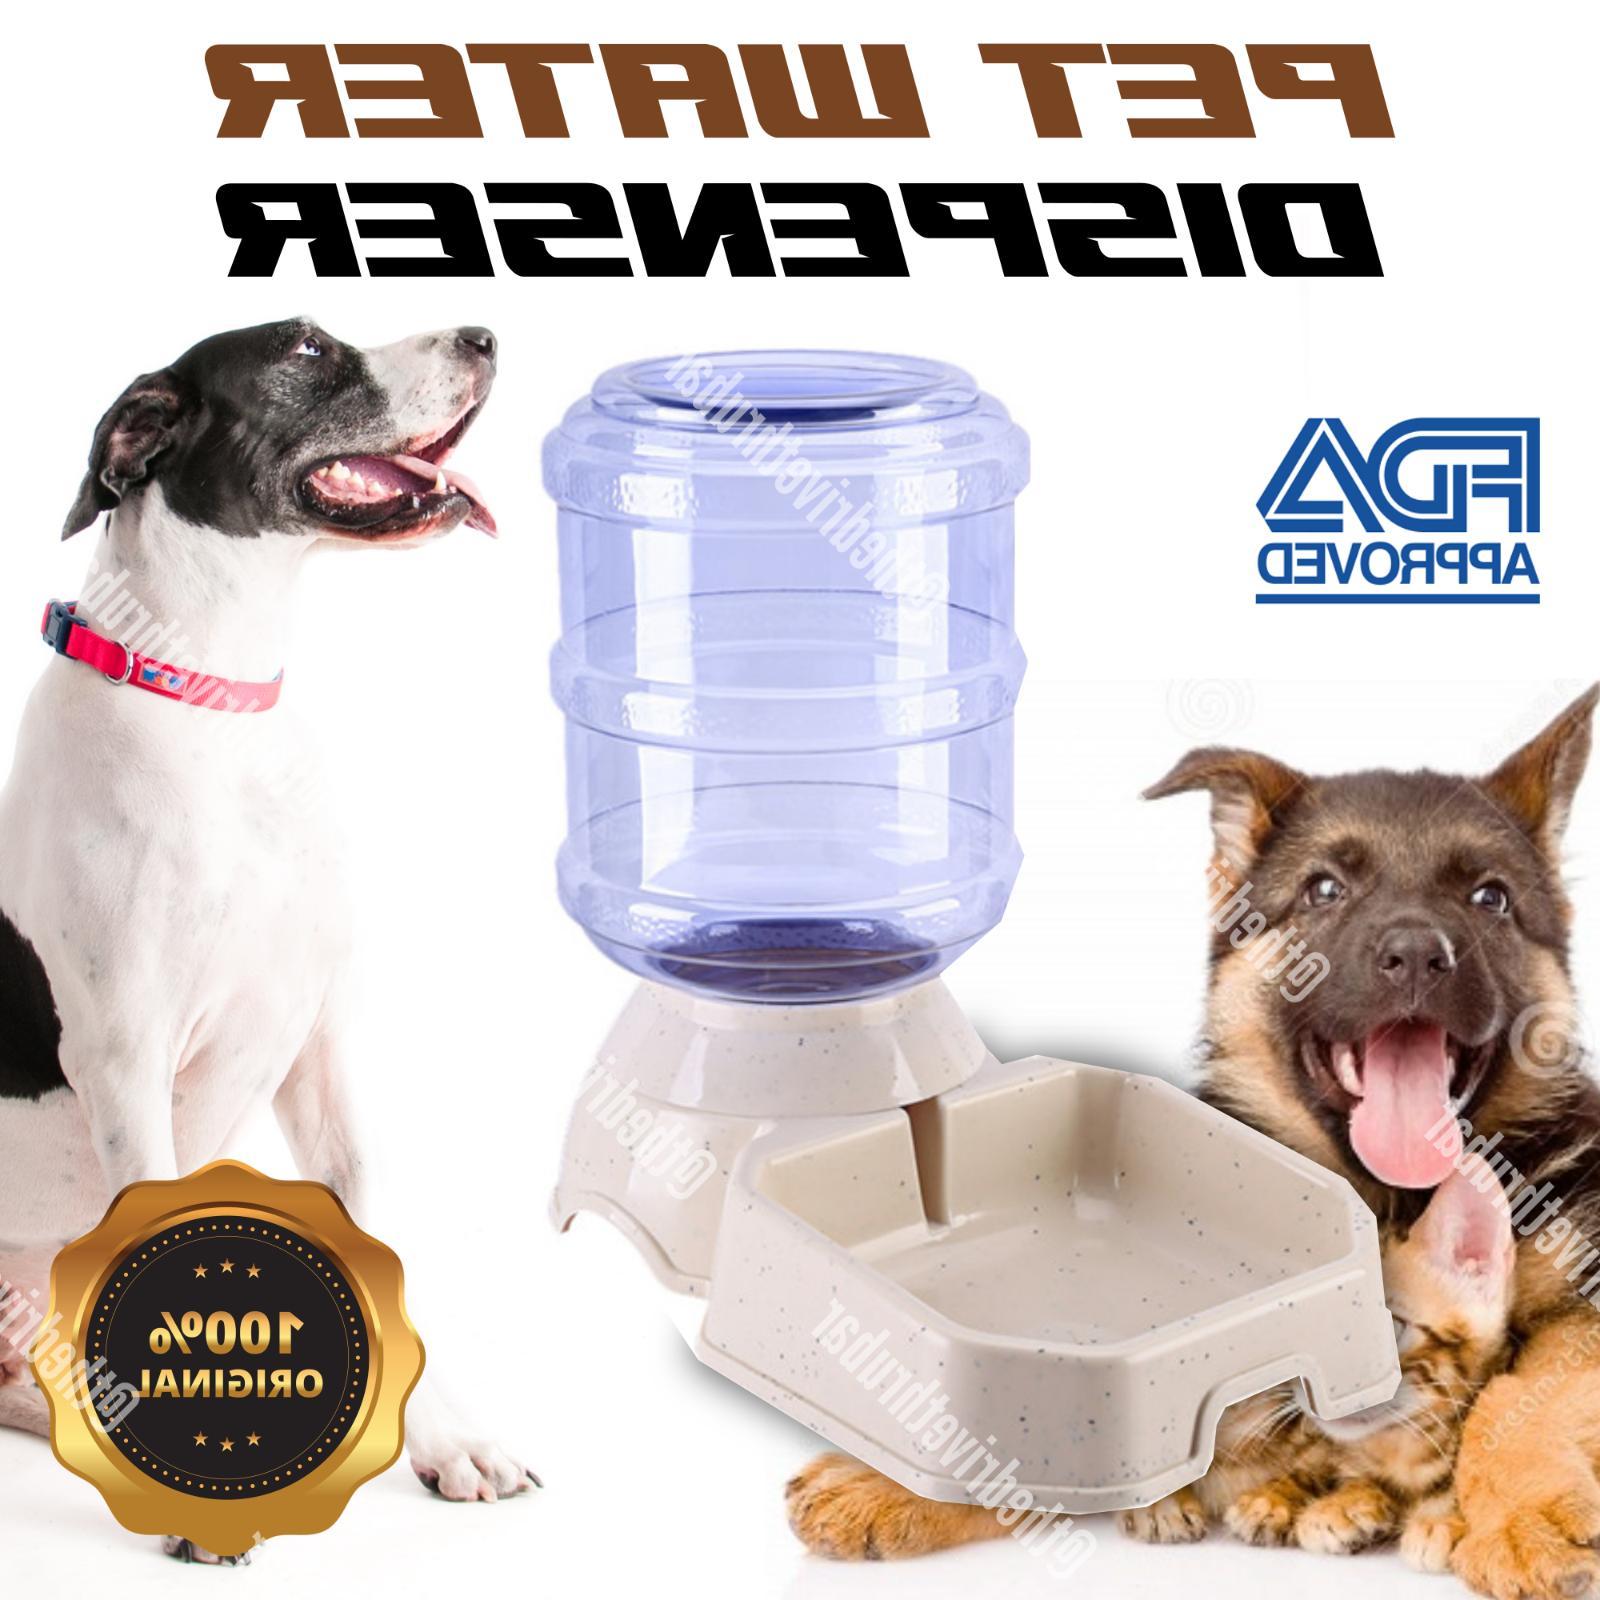 AUTOMATIC PET Feeder Puppy Food Feeding Bowl